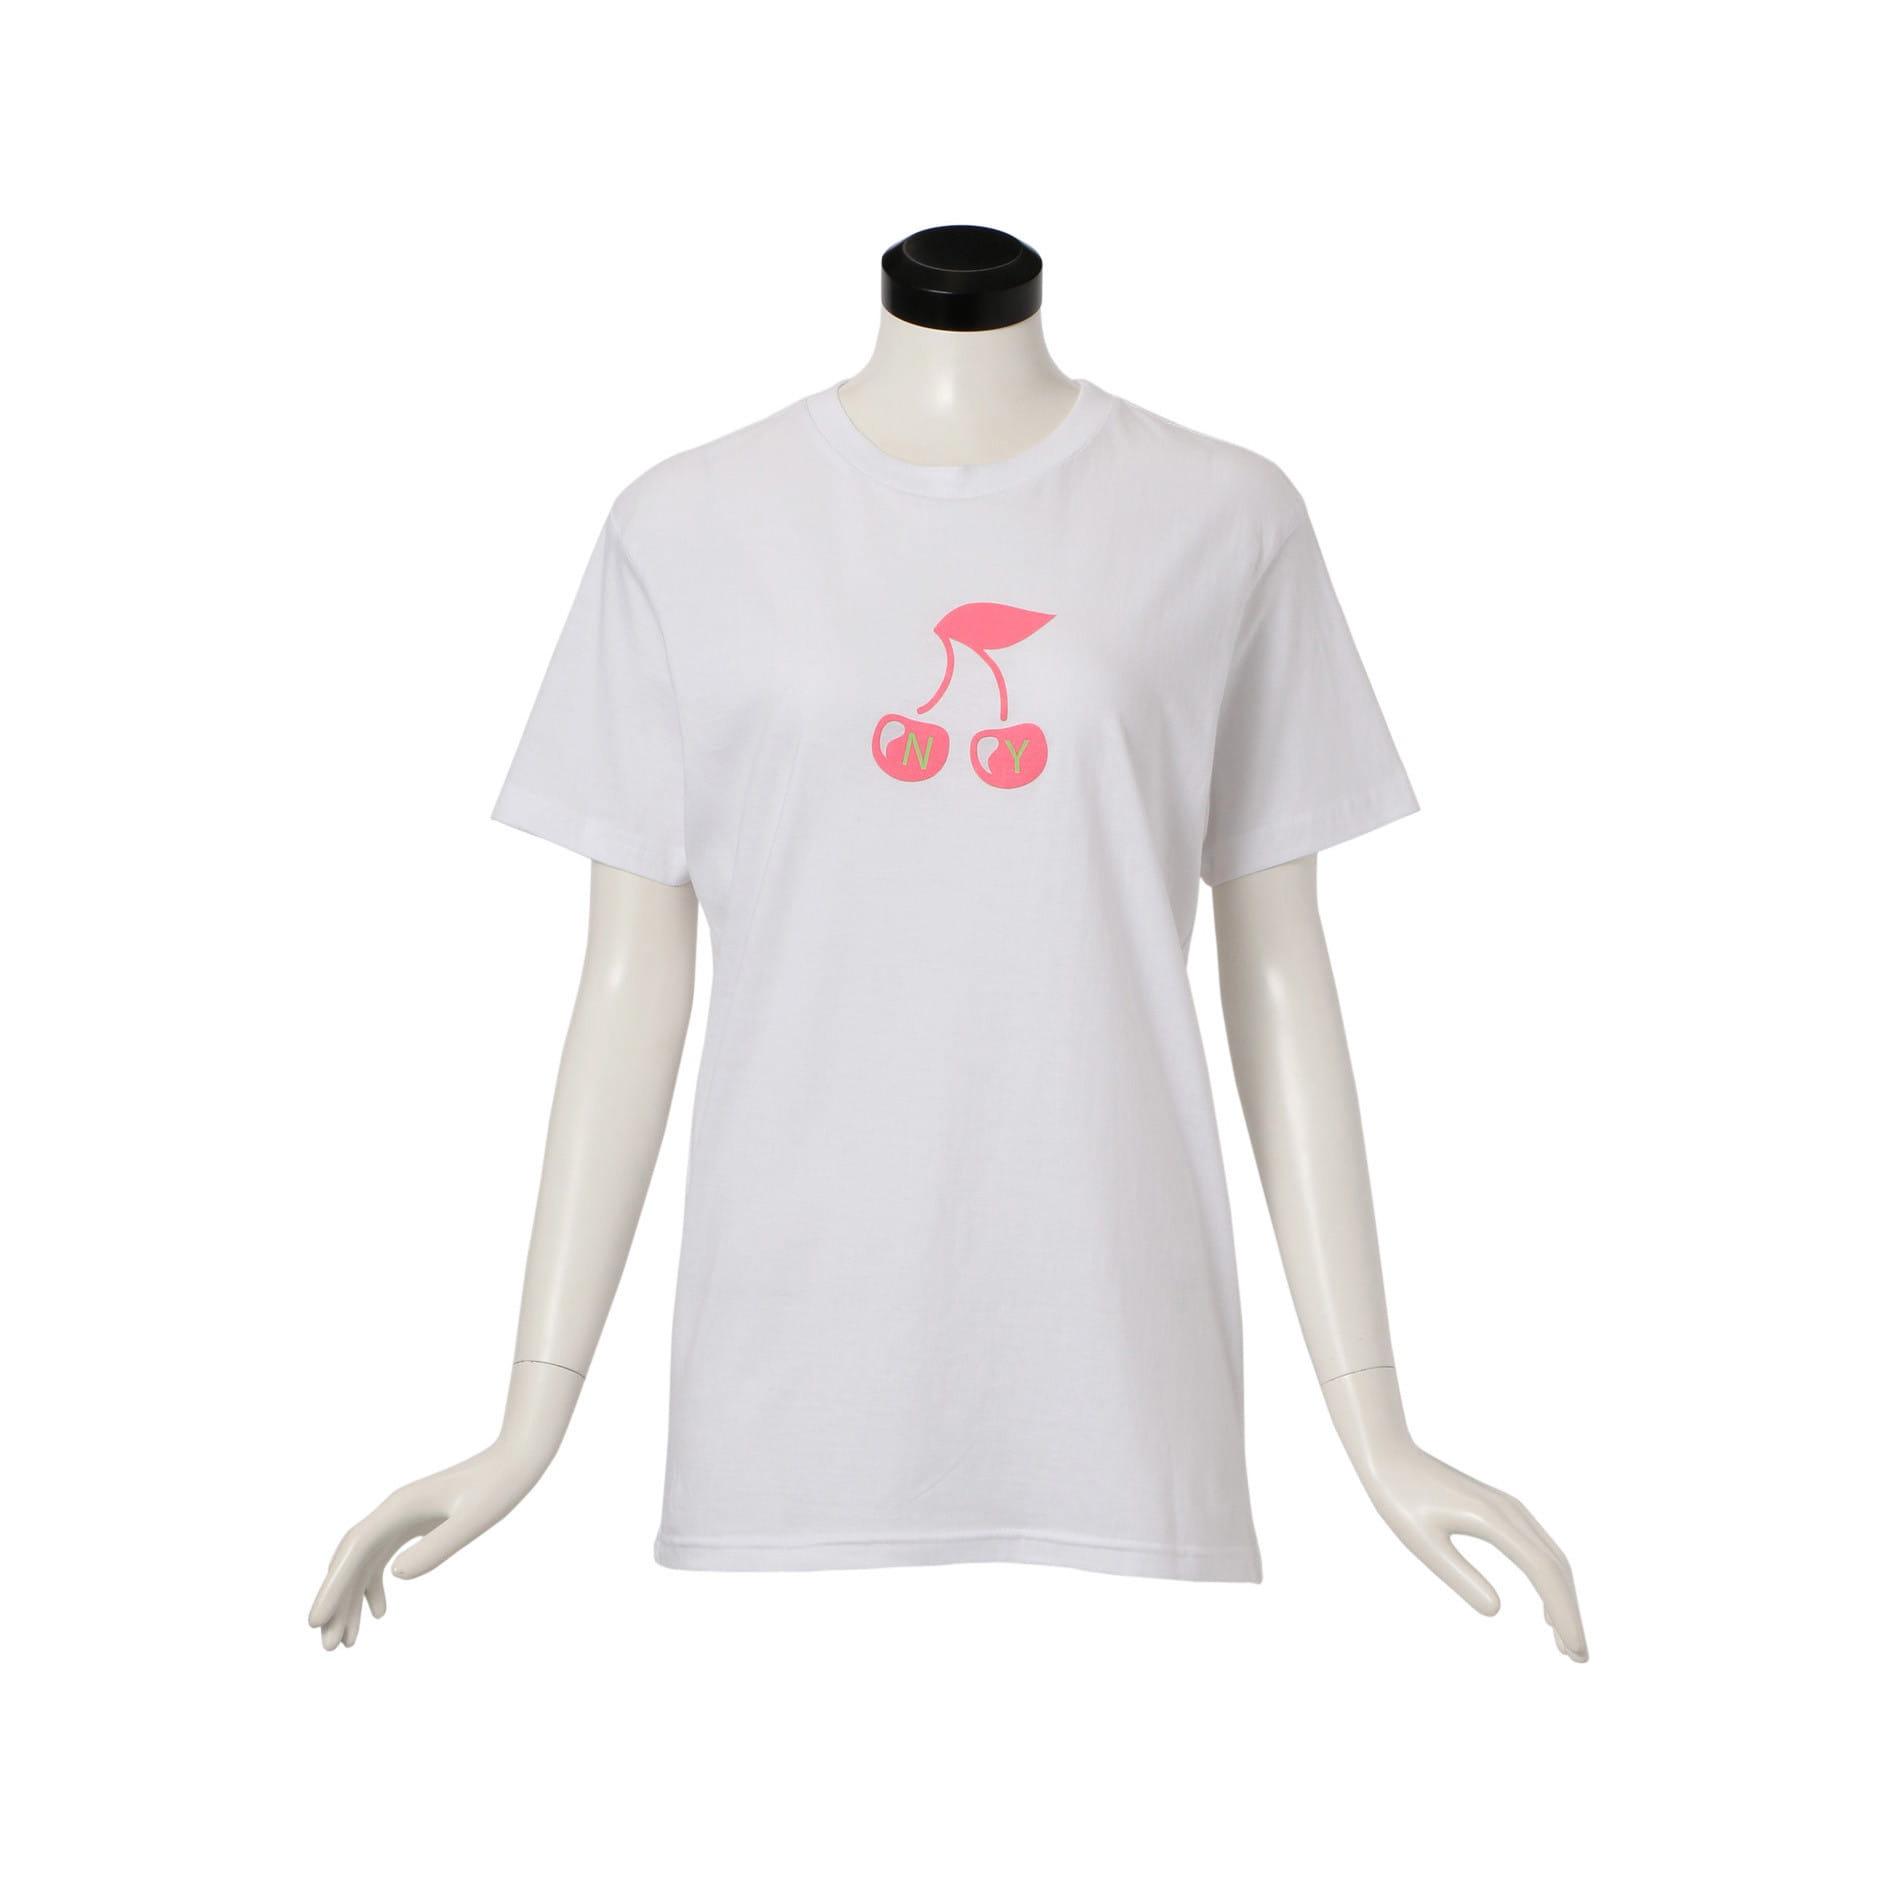 【am(After Midnight)】WOMEN Tシャツ SS19-TS03